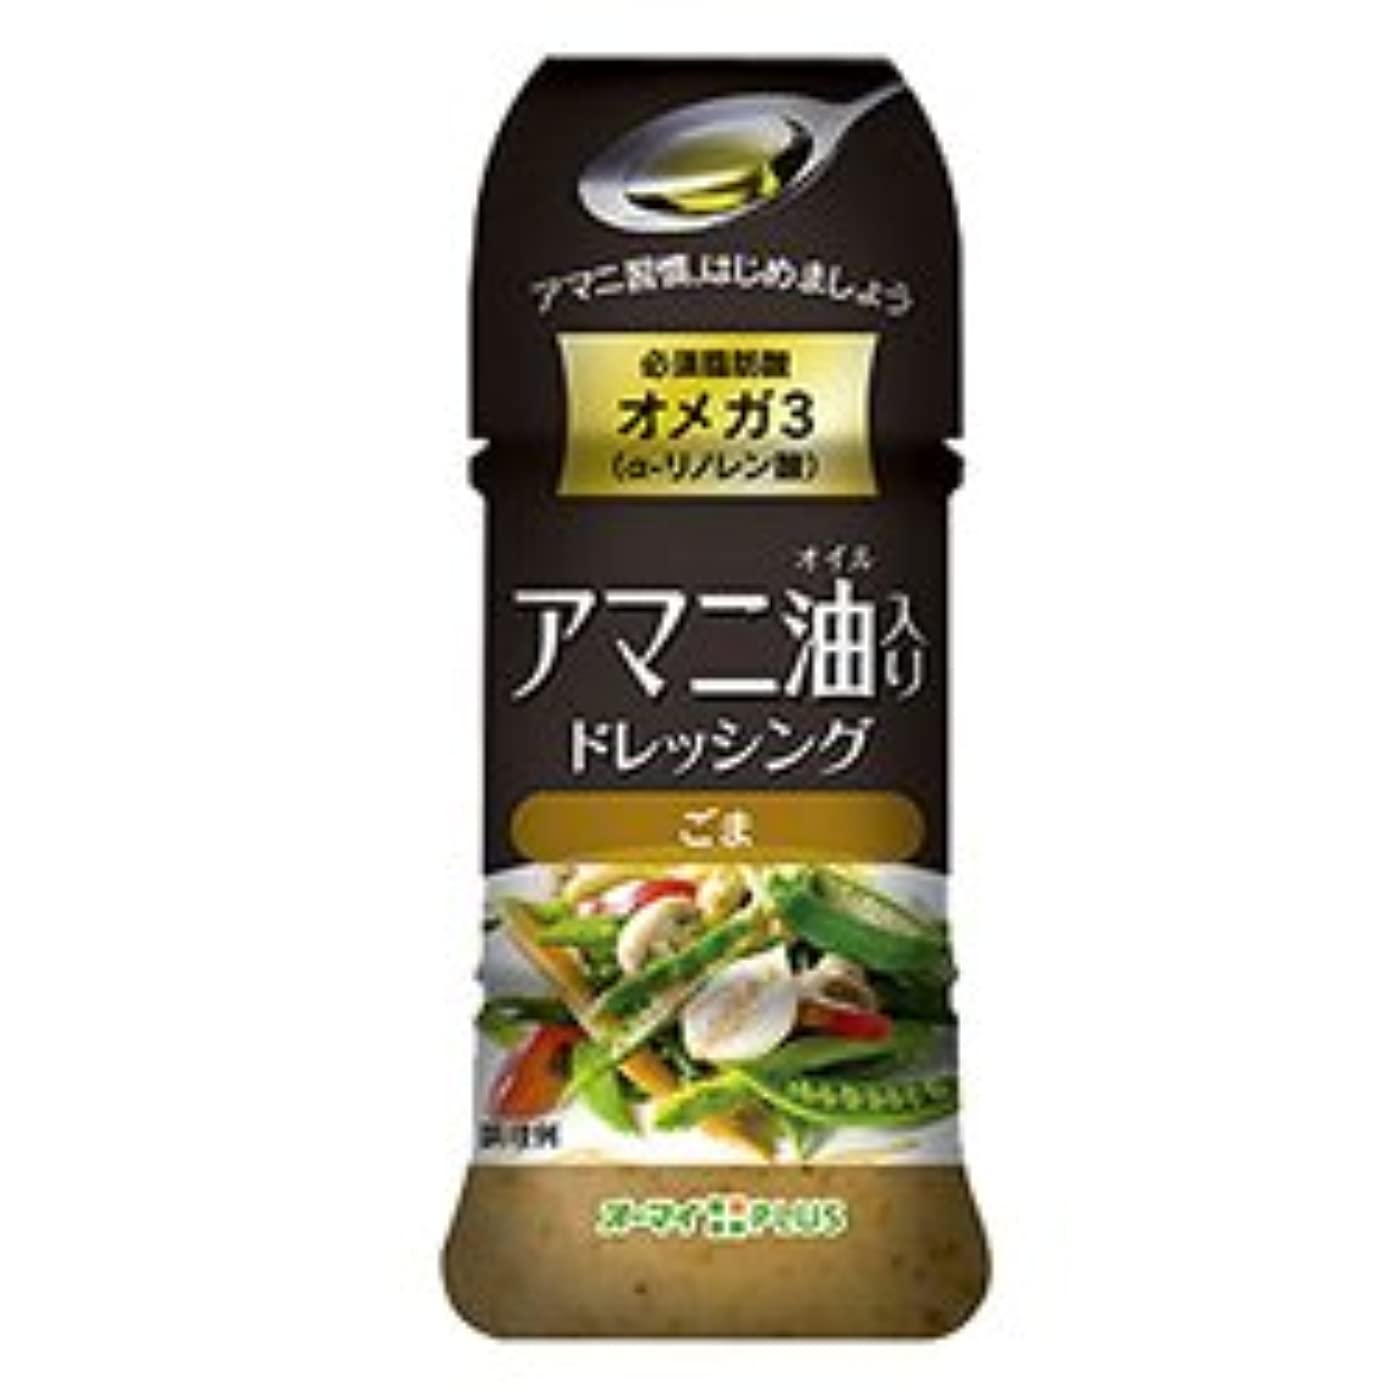 道に迷いました農学子豚アマニ油ドレッシング ごま【5本セット】日本製粉